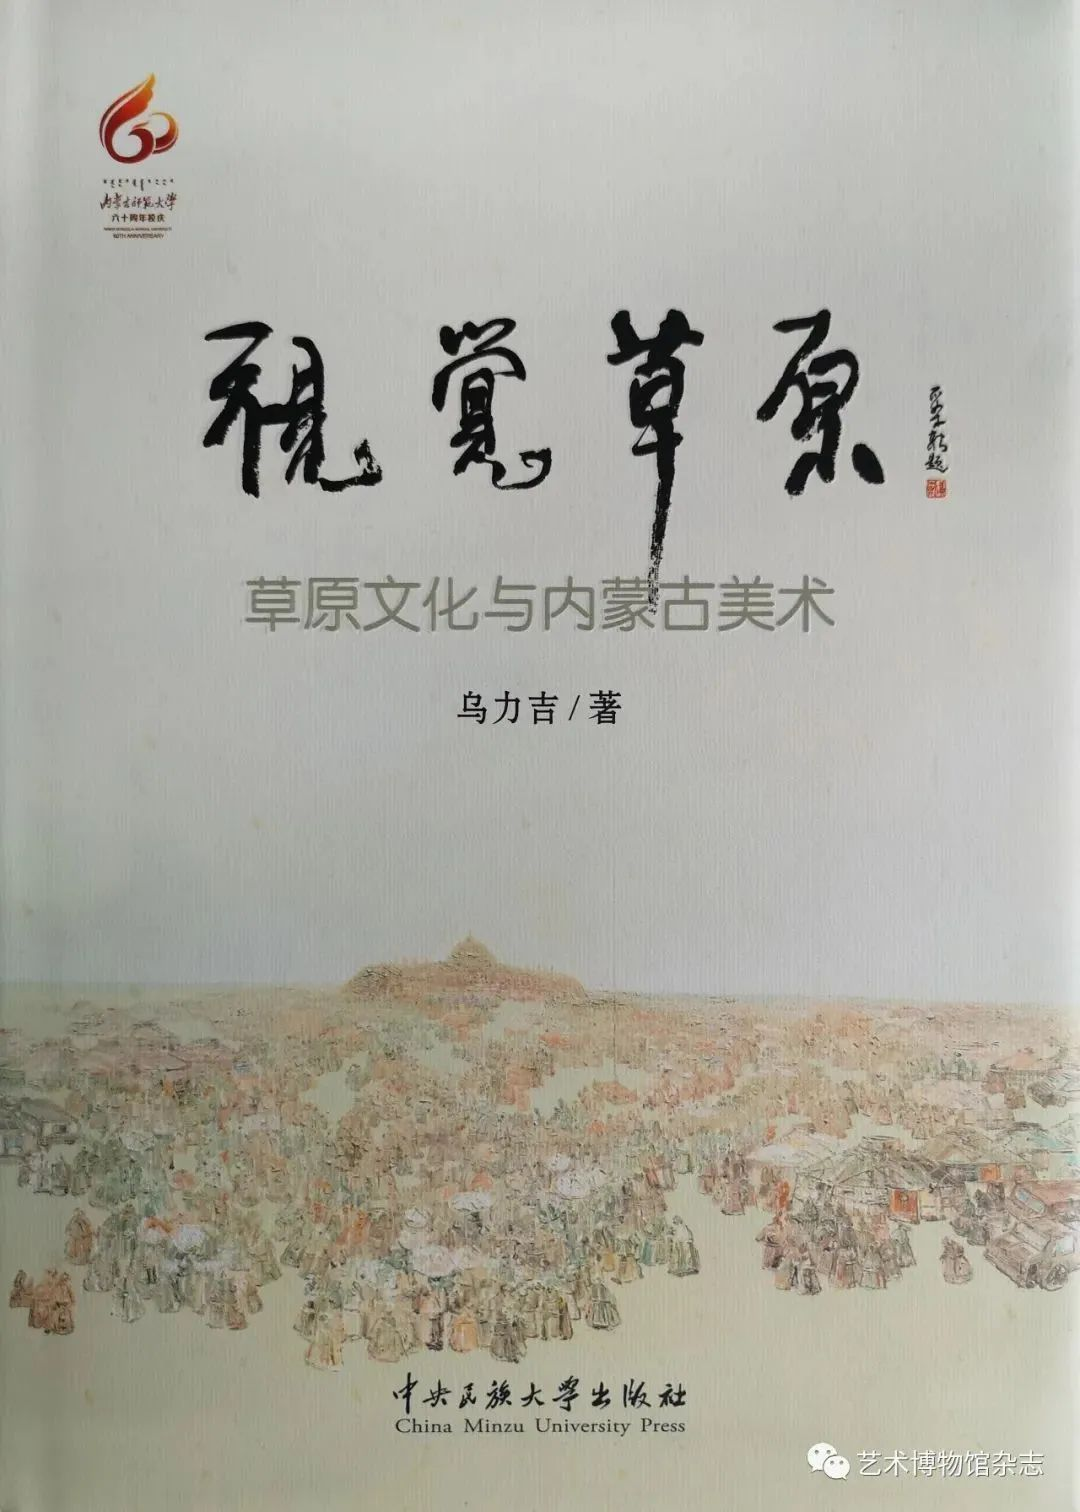 身边的名家丨美术教育理论家乌力吉 第7张 身边的名家丨美术教育理论家乌力吉 蒙古画廊